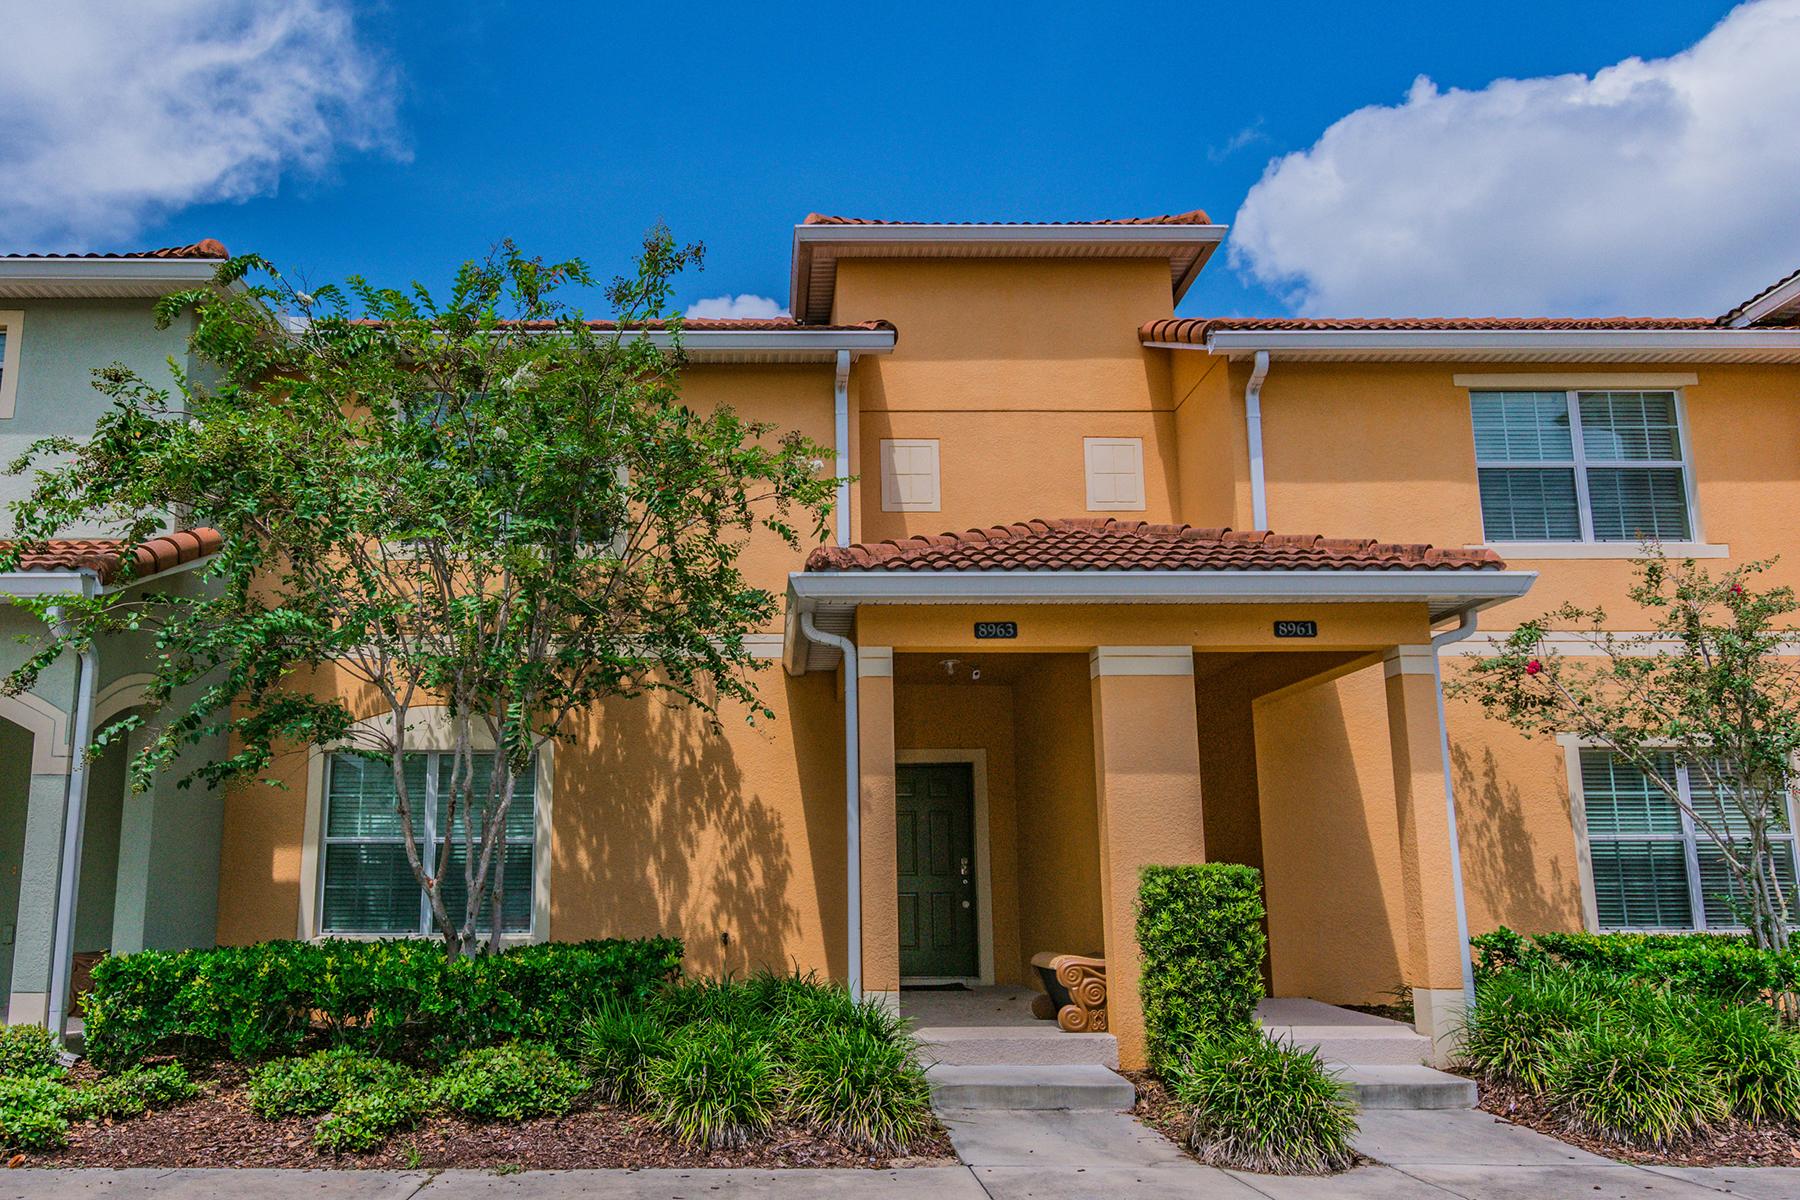 タウンハウス のために 売買 アット KISSIMMEE-ORLANDO 8963 Cat Palm Rd Kissimmee, フロリダ 34747 アメリカ合衆国